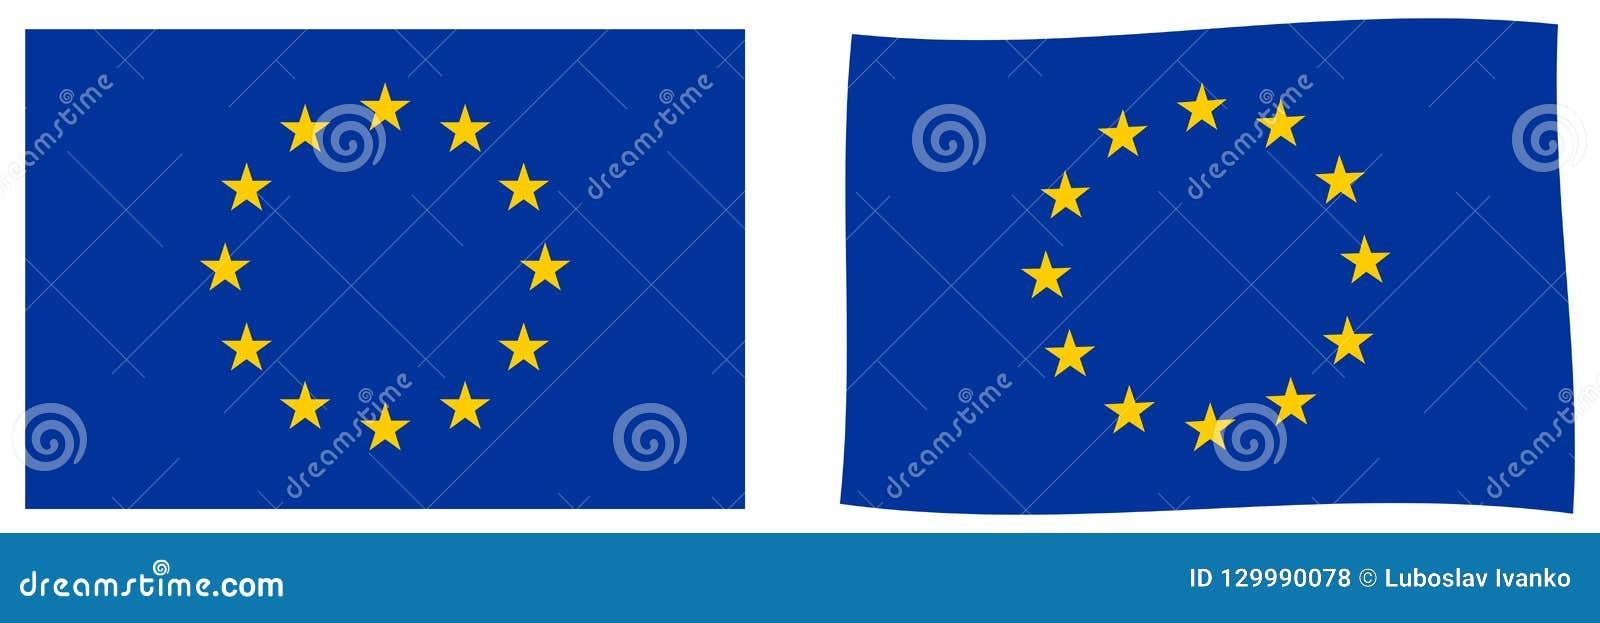 La UE de la unión europea señala por medio de una bandera Versión simple y levemente que agita